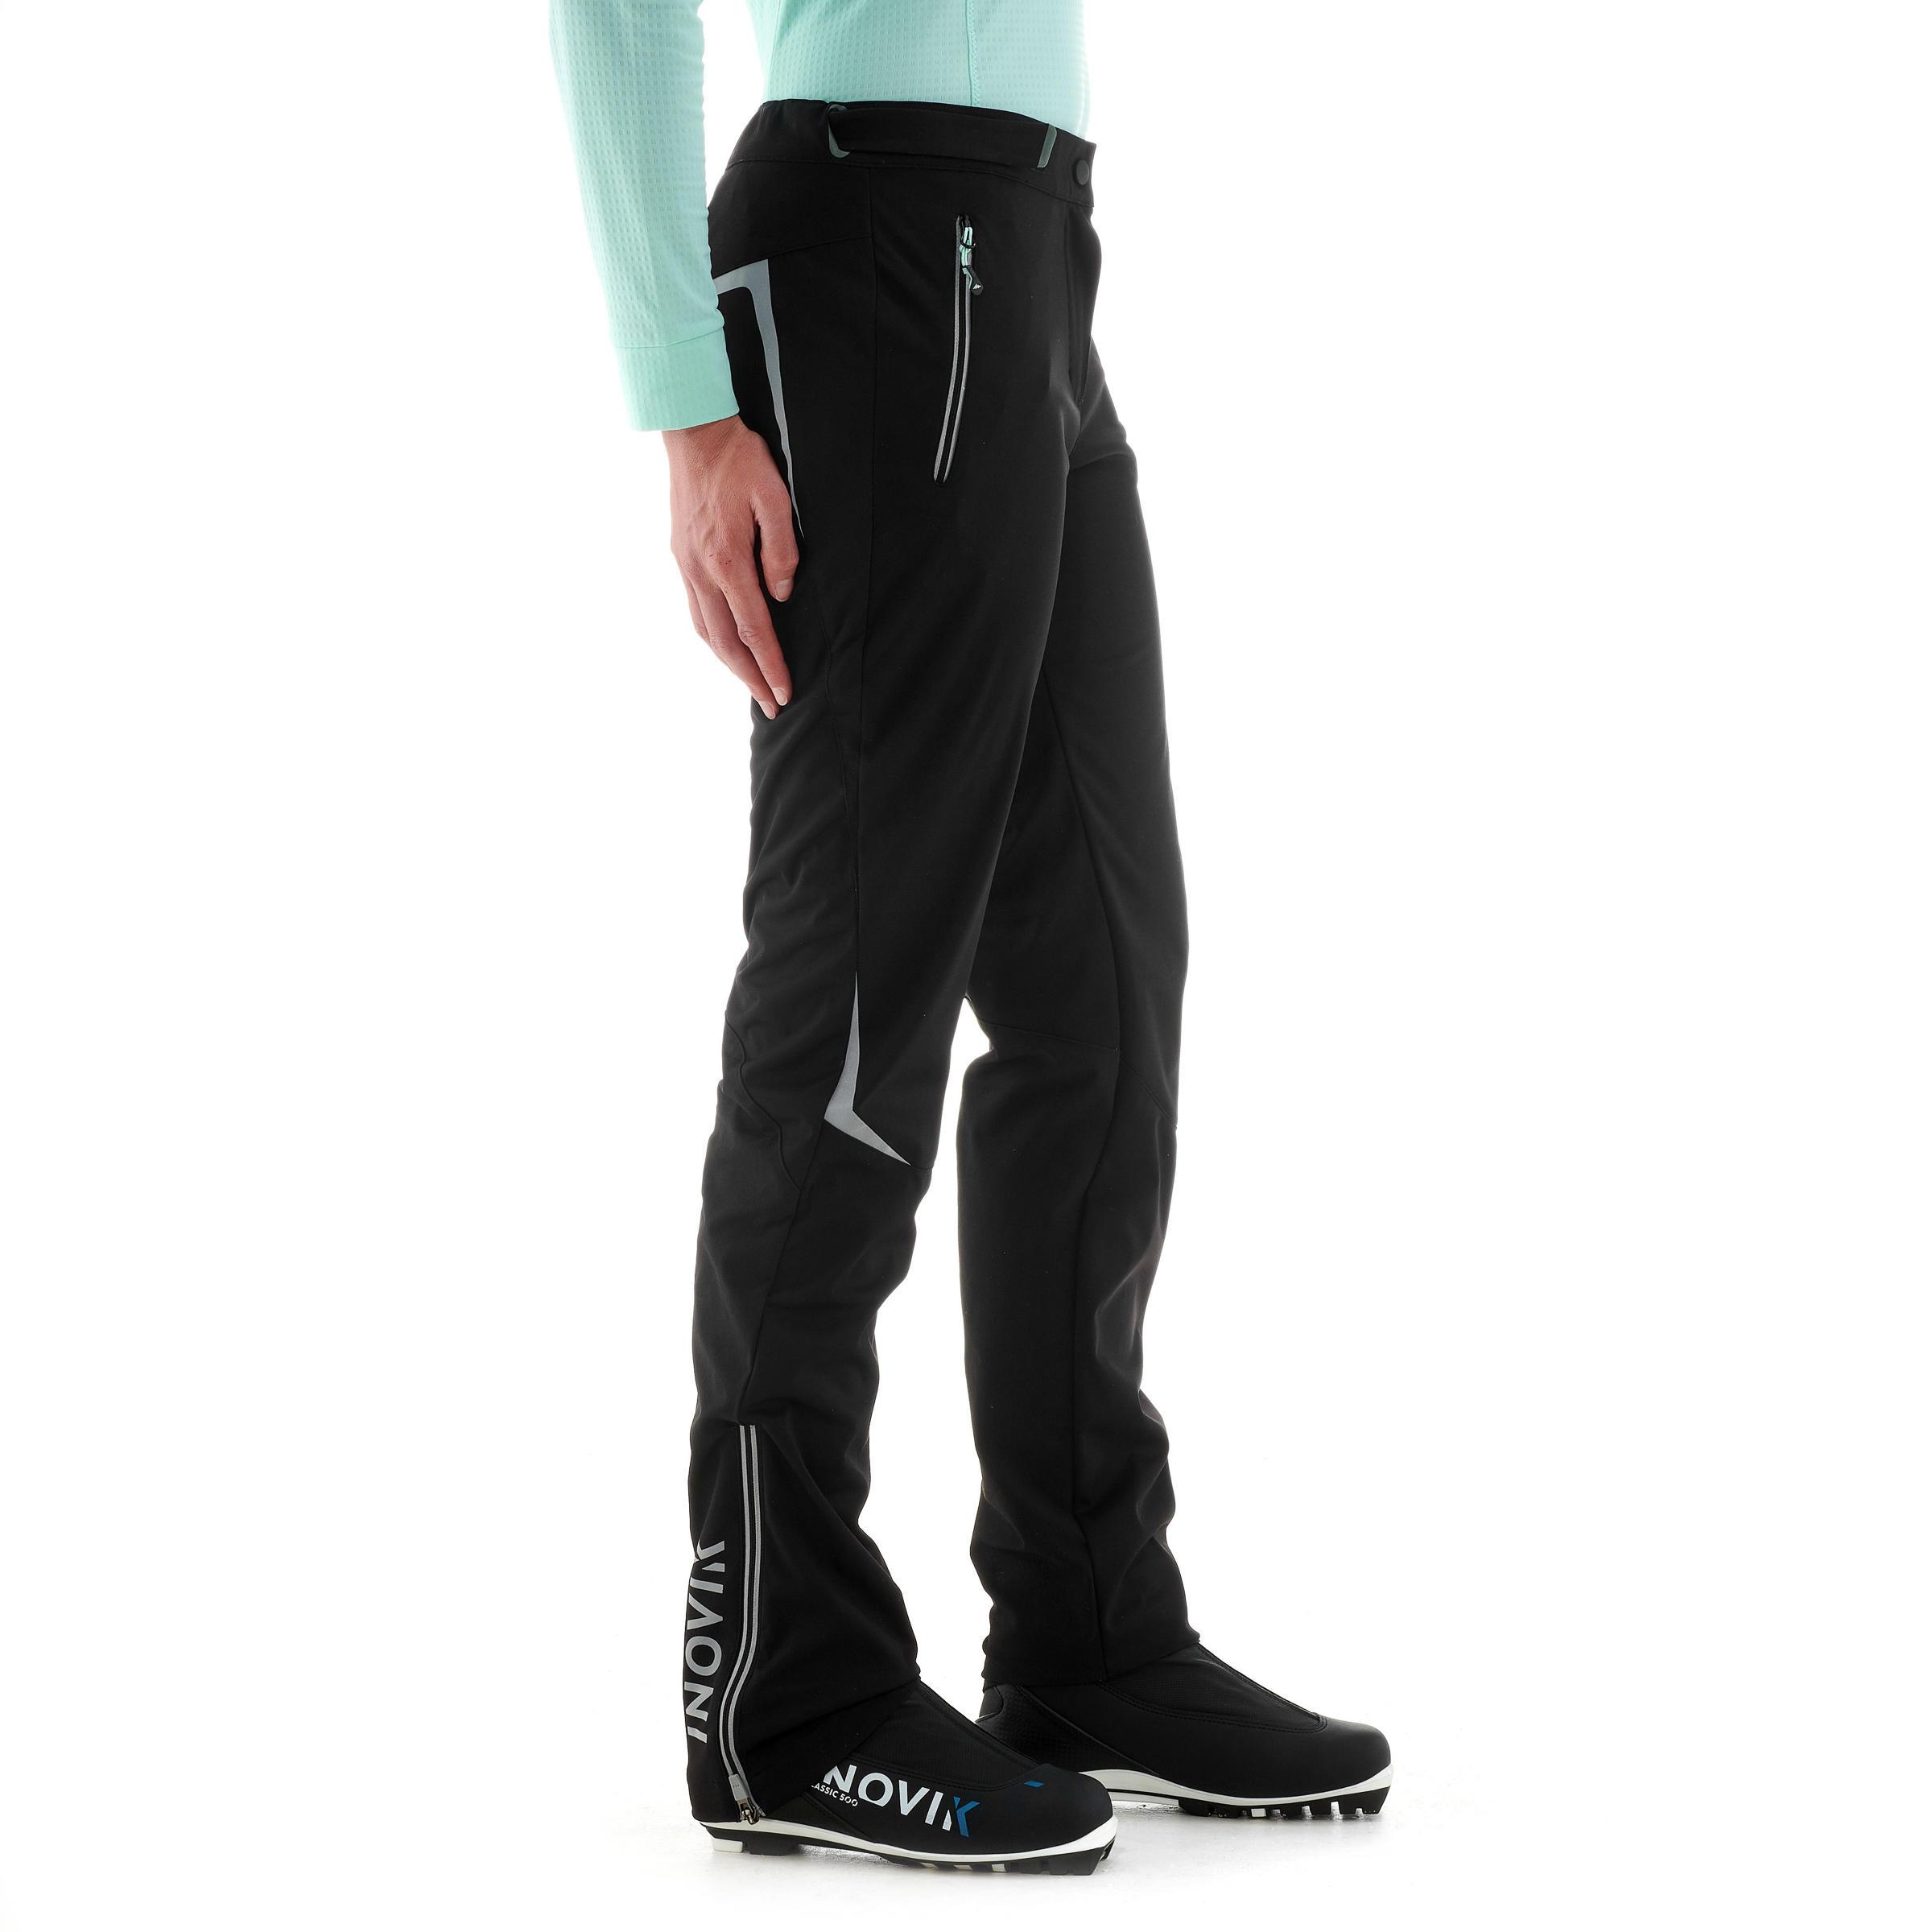 Fond S De Ski 500 Xc Noir Femme Pantalon mNvwO08n